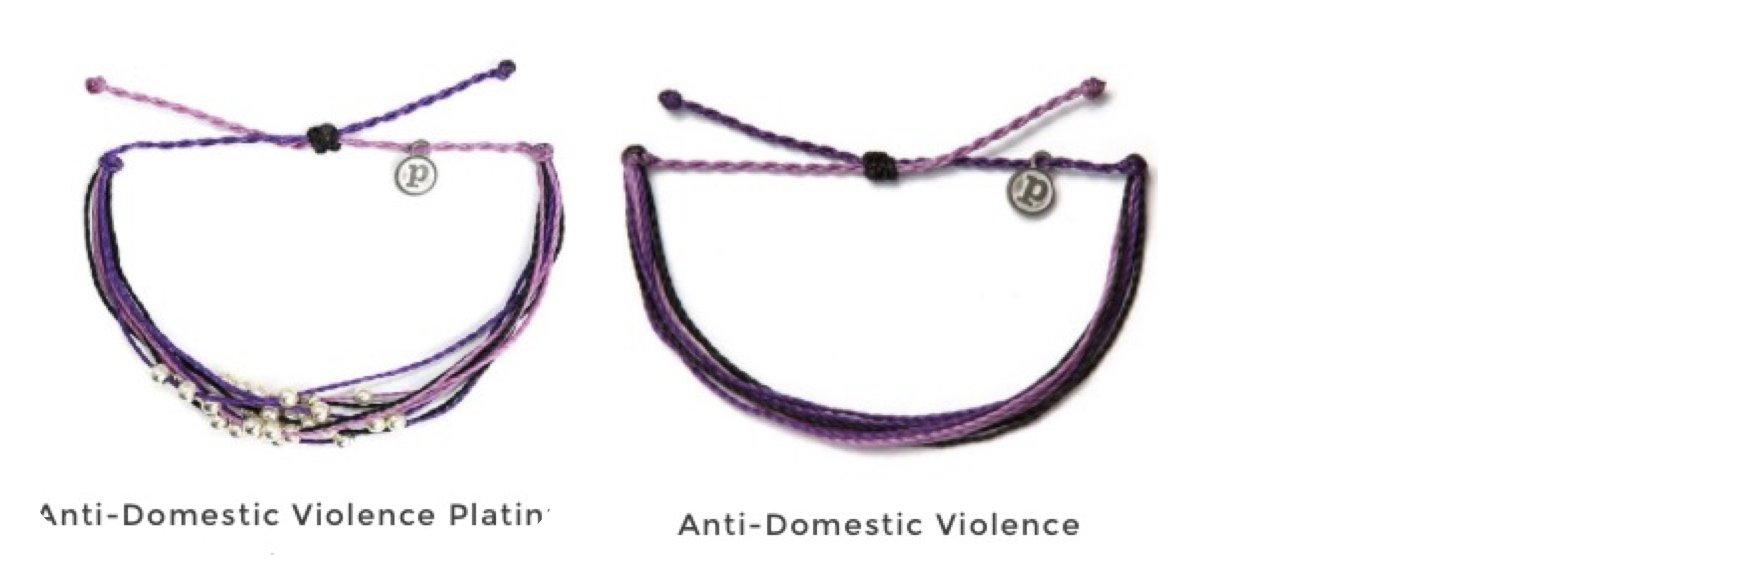 Puravida Bracelets for womans causes